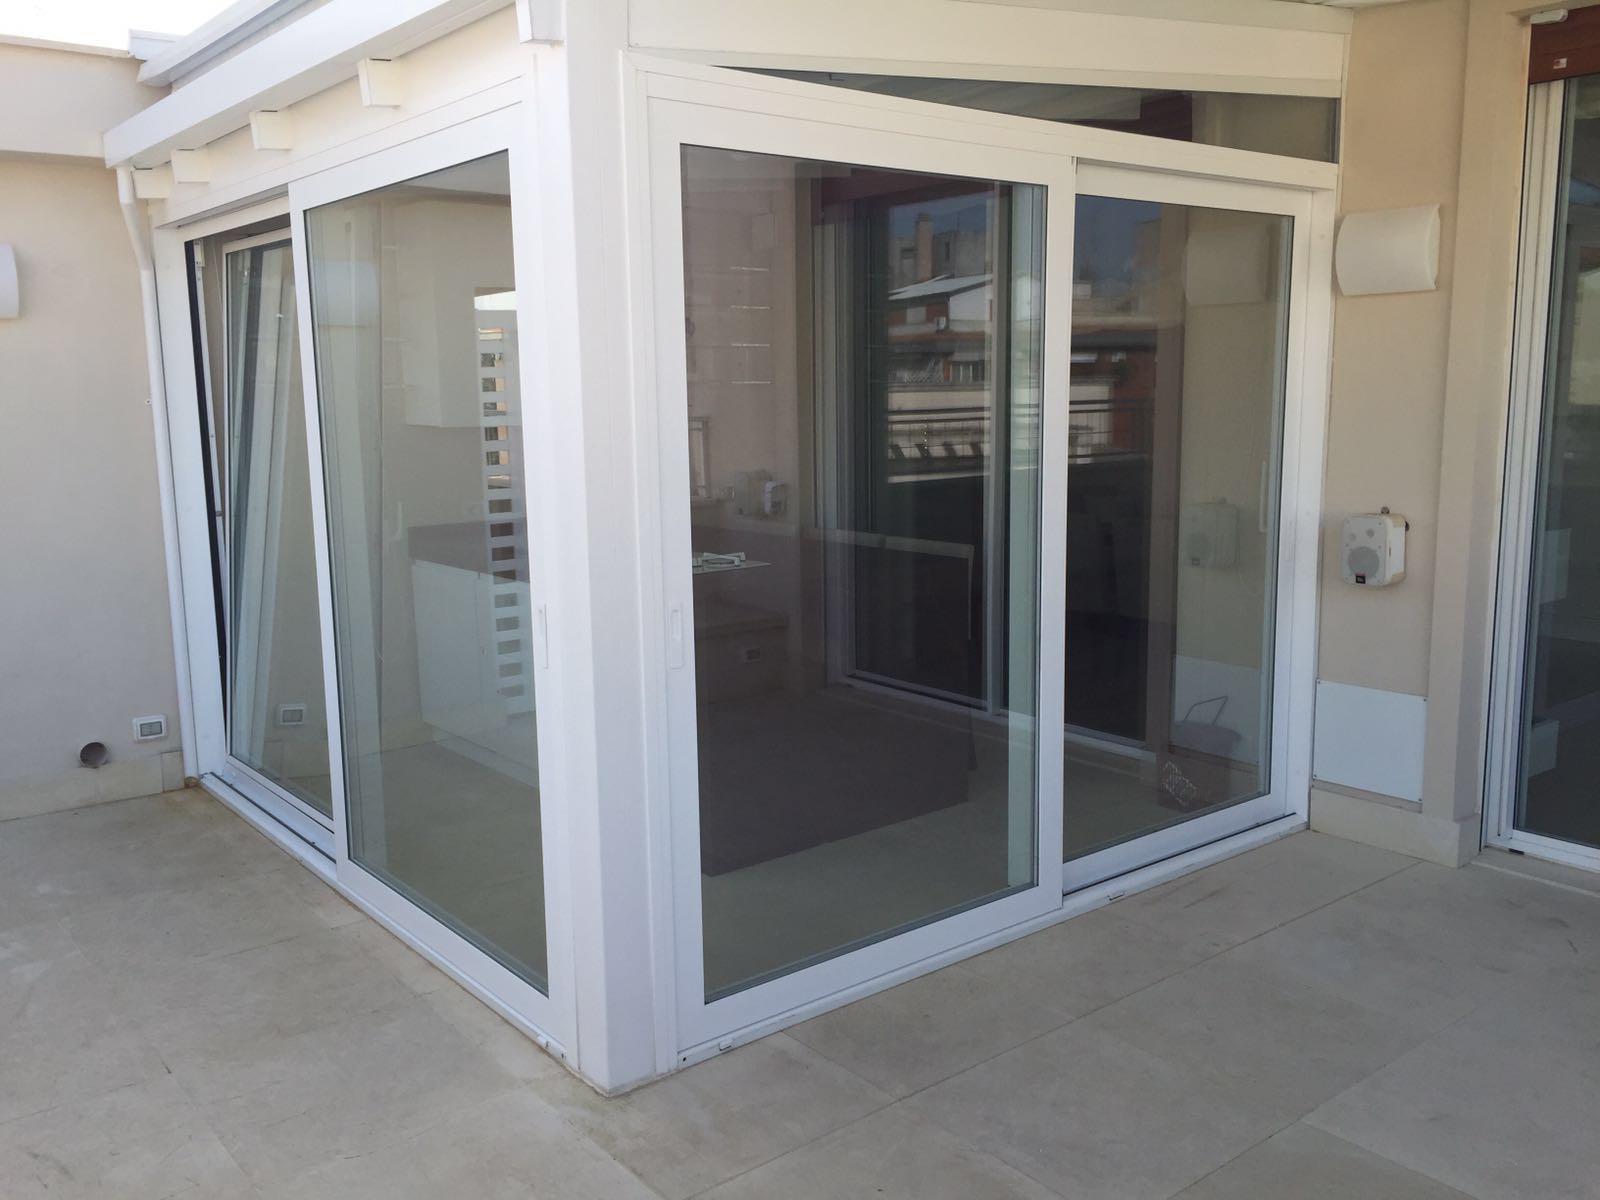 Installazioni produzione e vendita di infissi e finestre for Dimensioni finestre standard